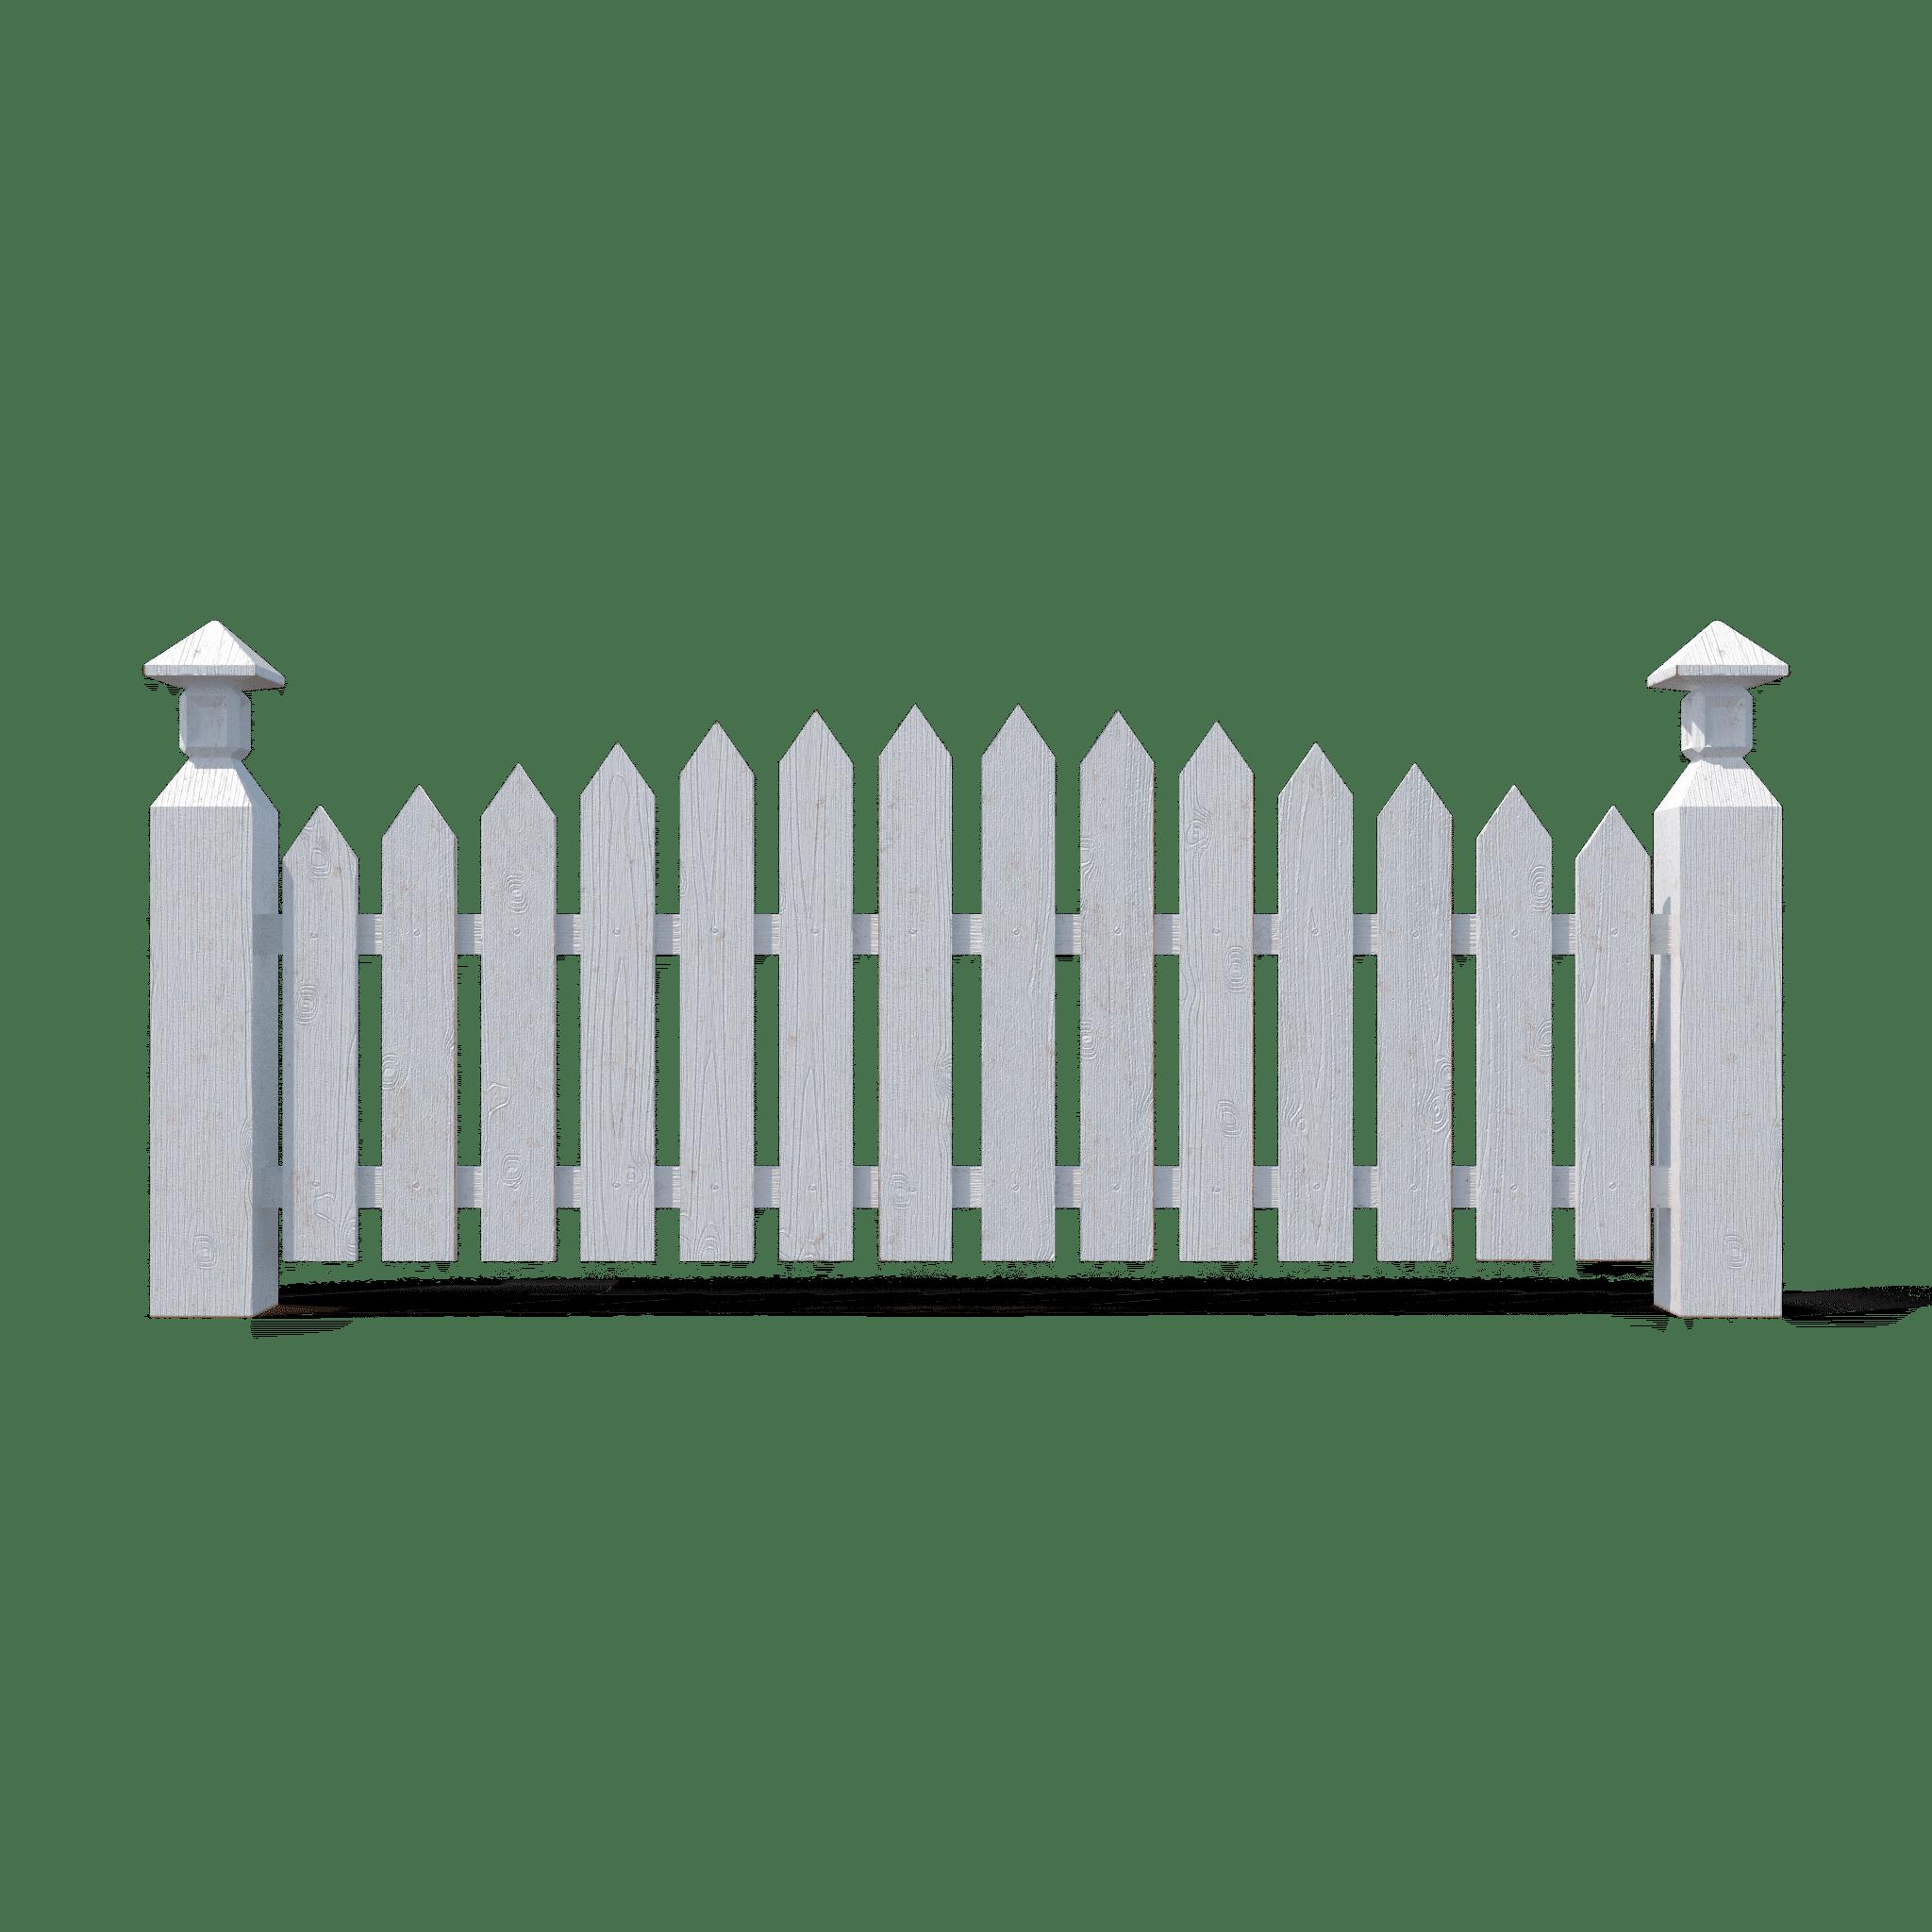 Wooden-fence.I01.2k.png